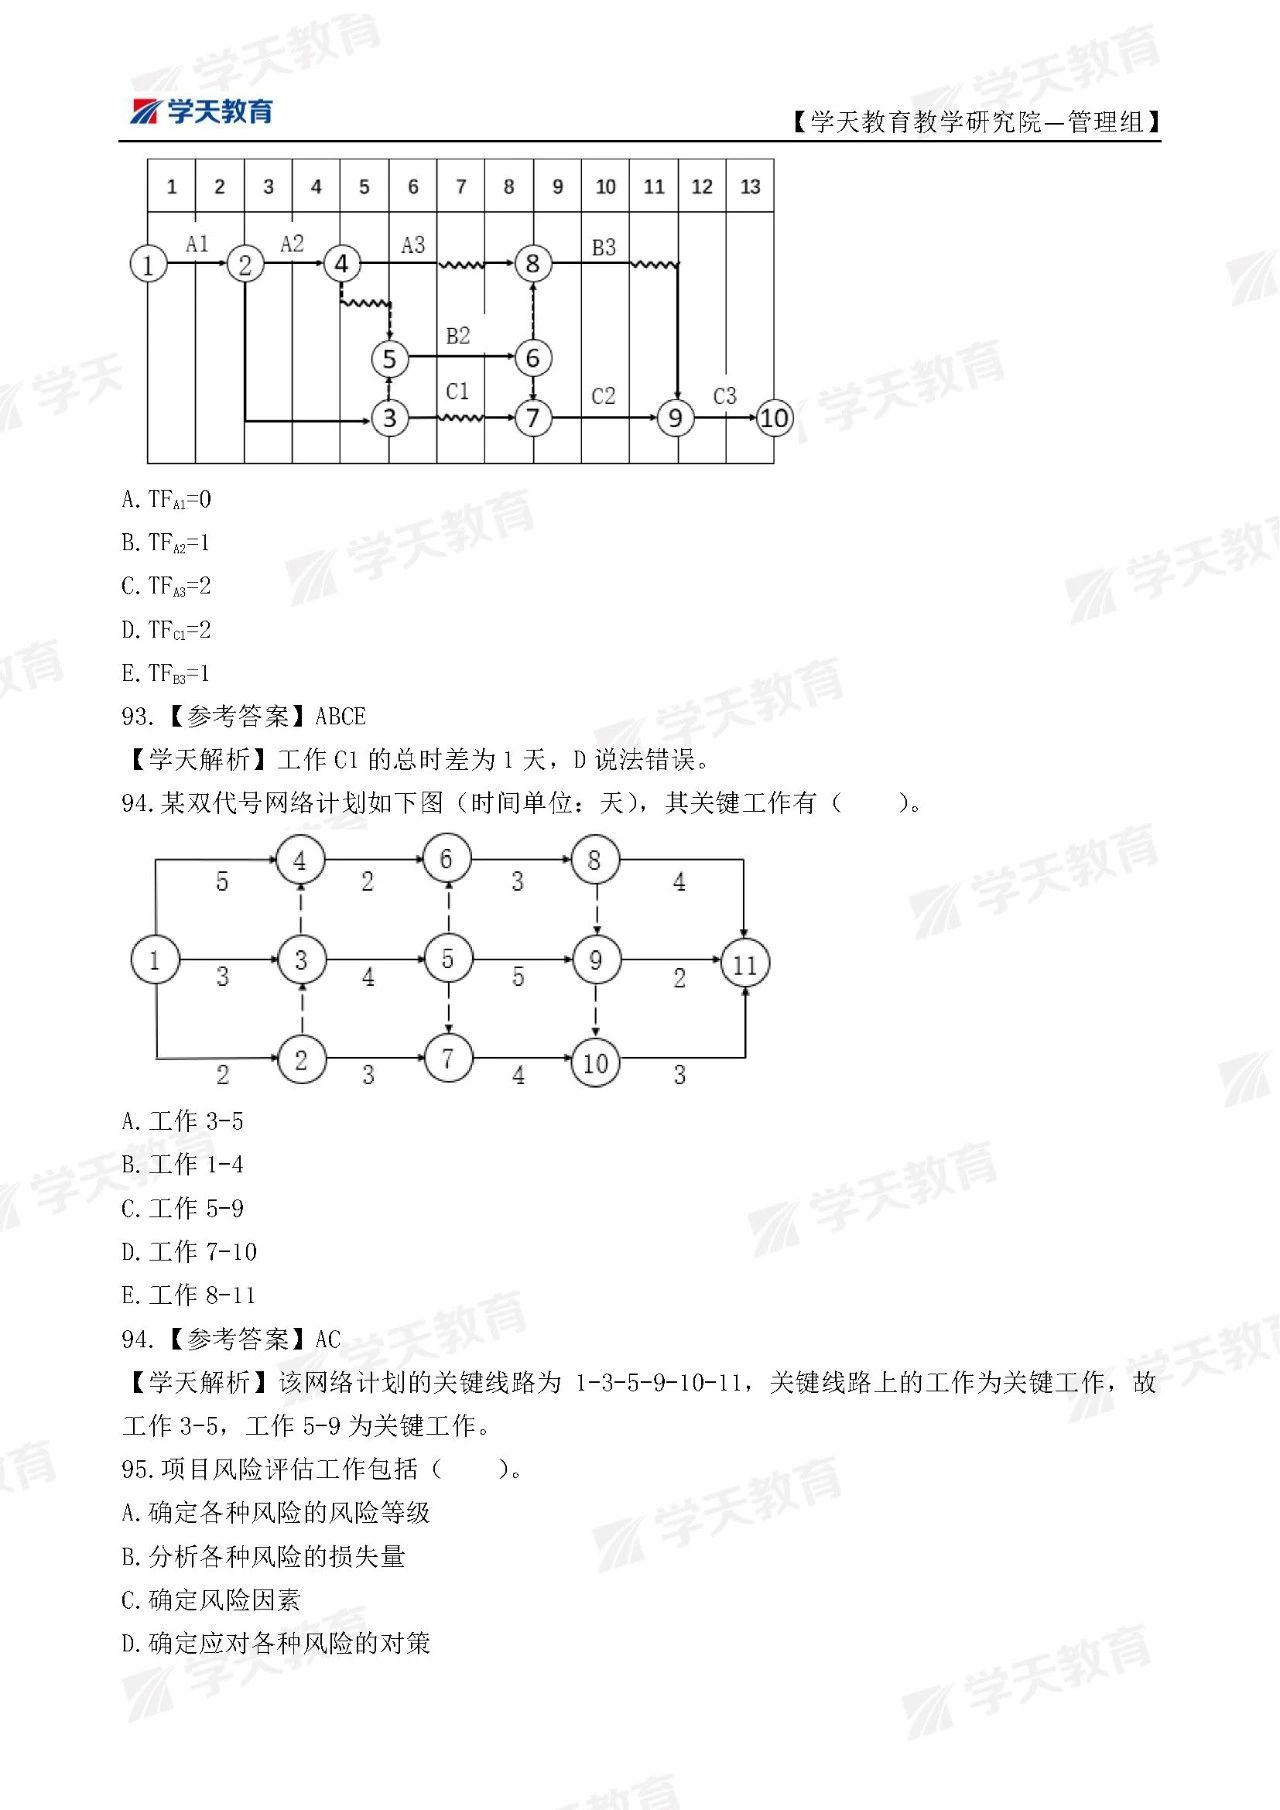 2021年一级建造师《管理》真题答案(完整版)